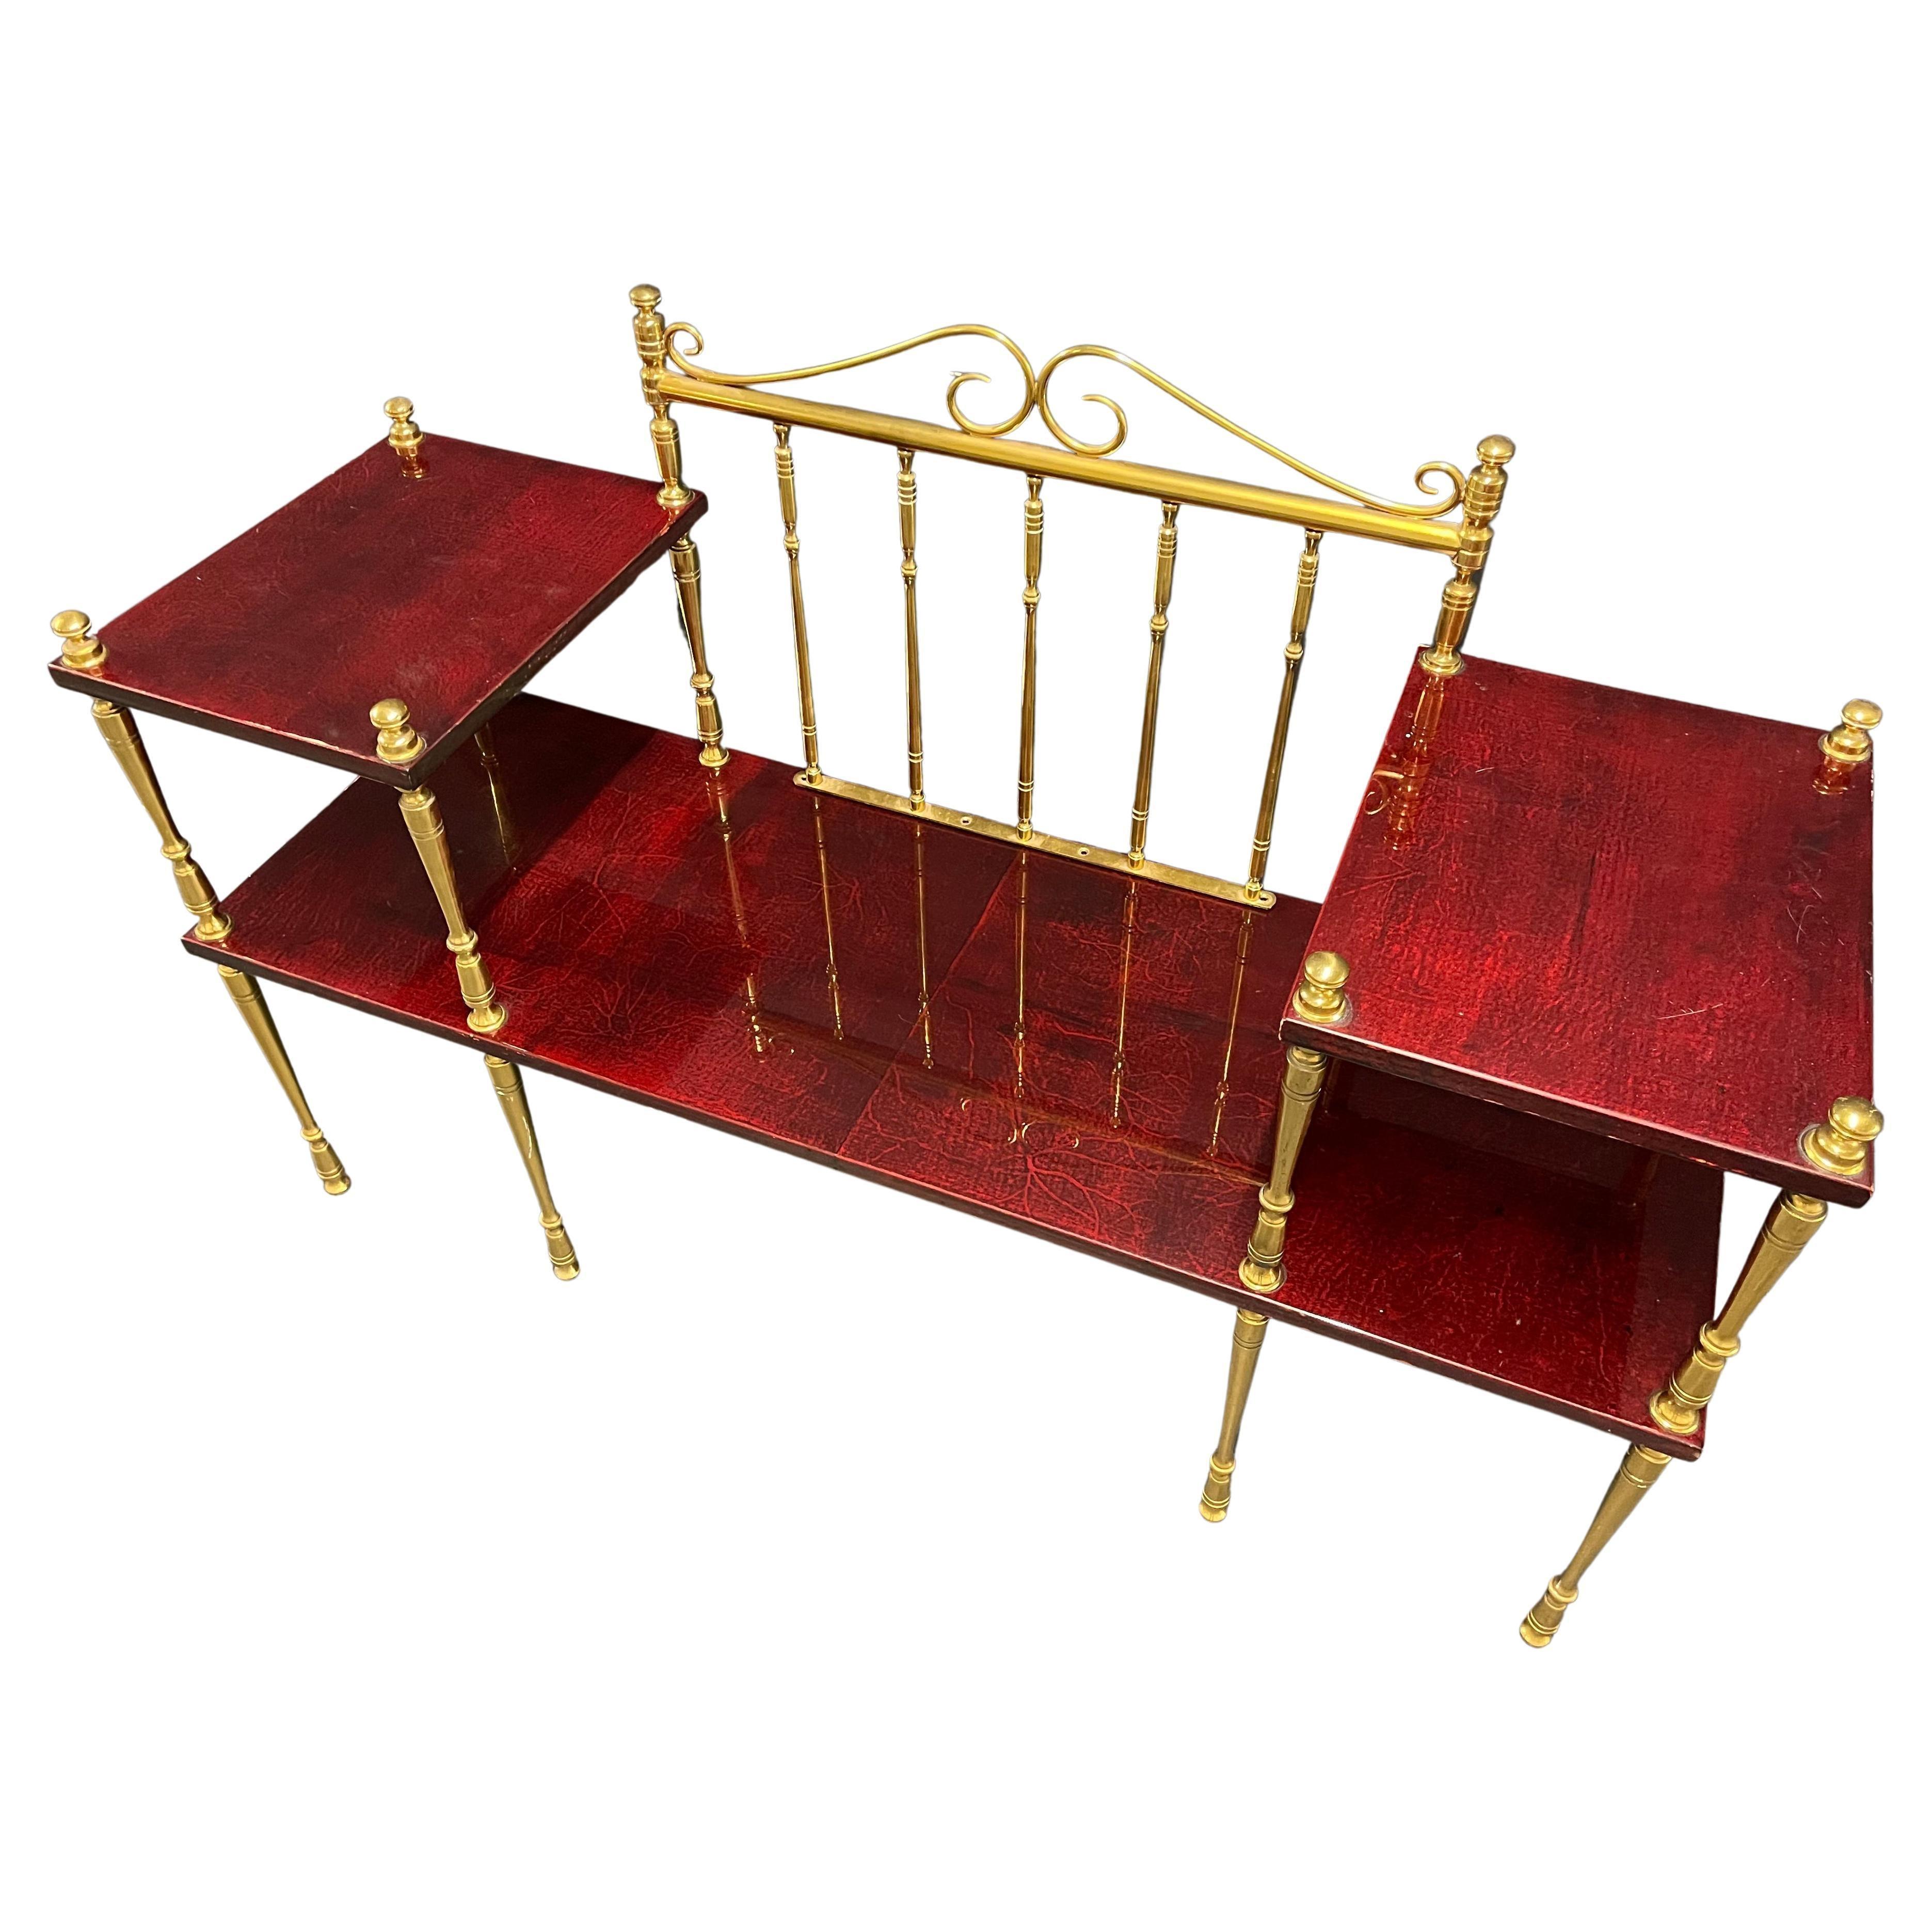 Unique Modular Bench or Shelf by Aldo Tura